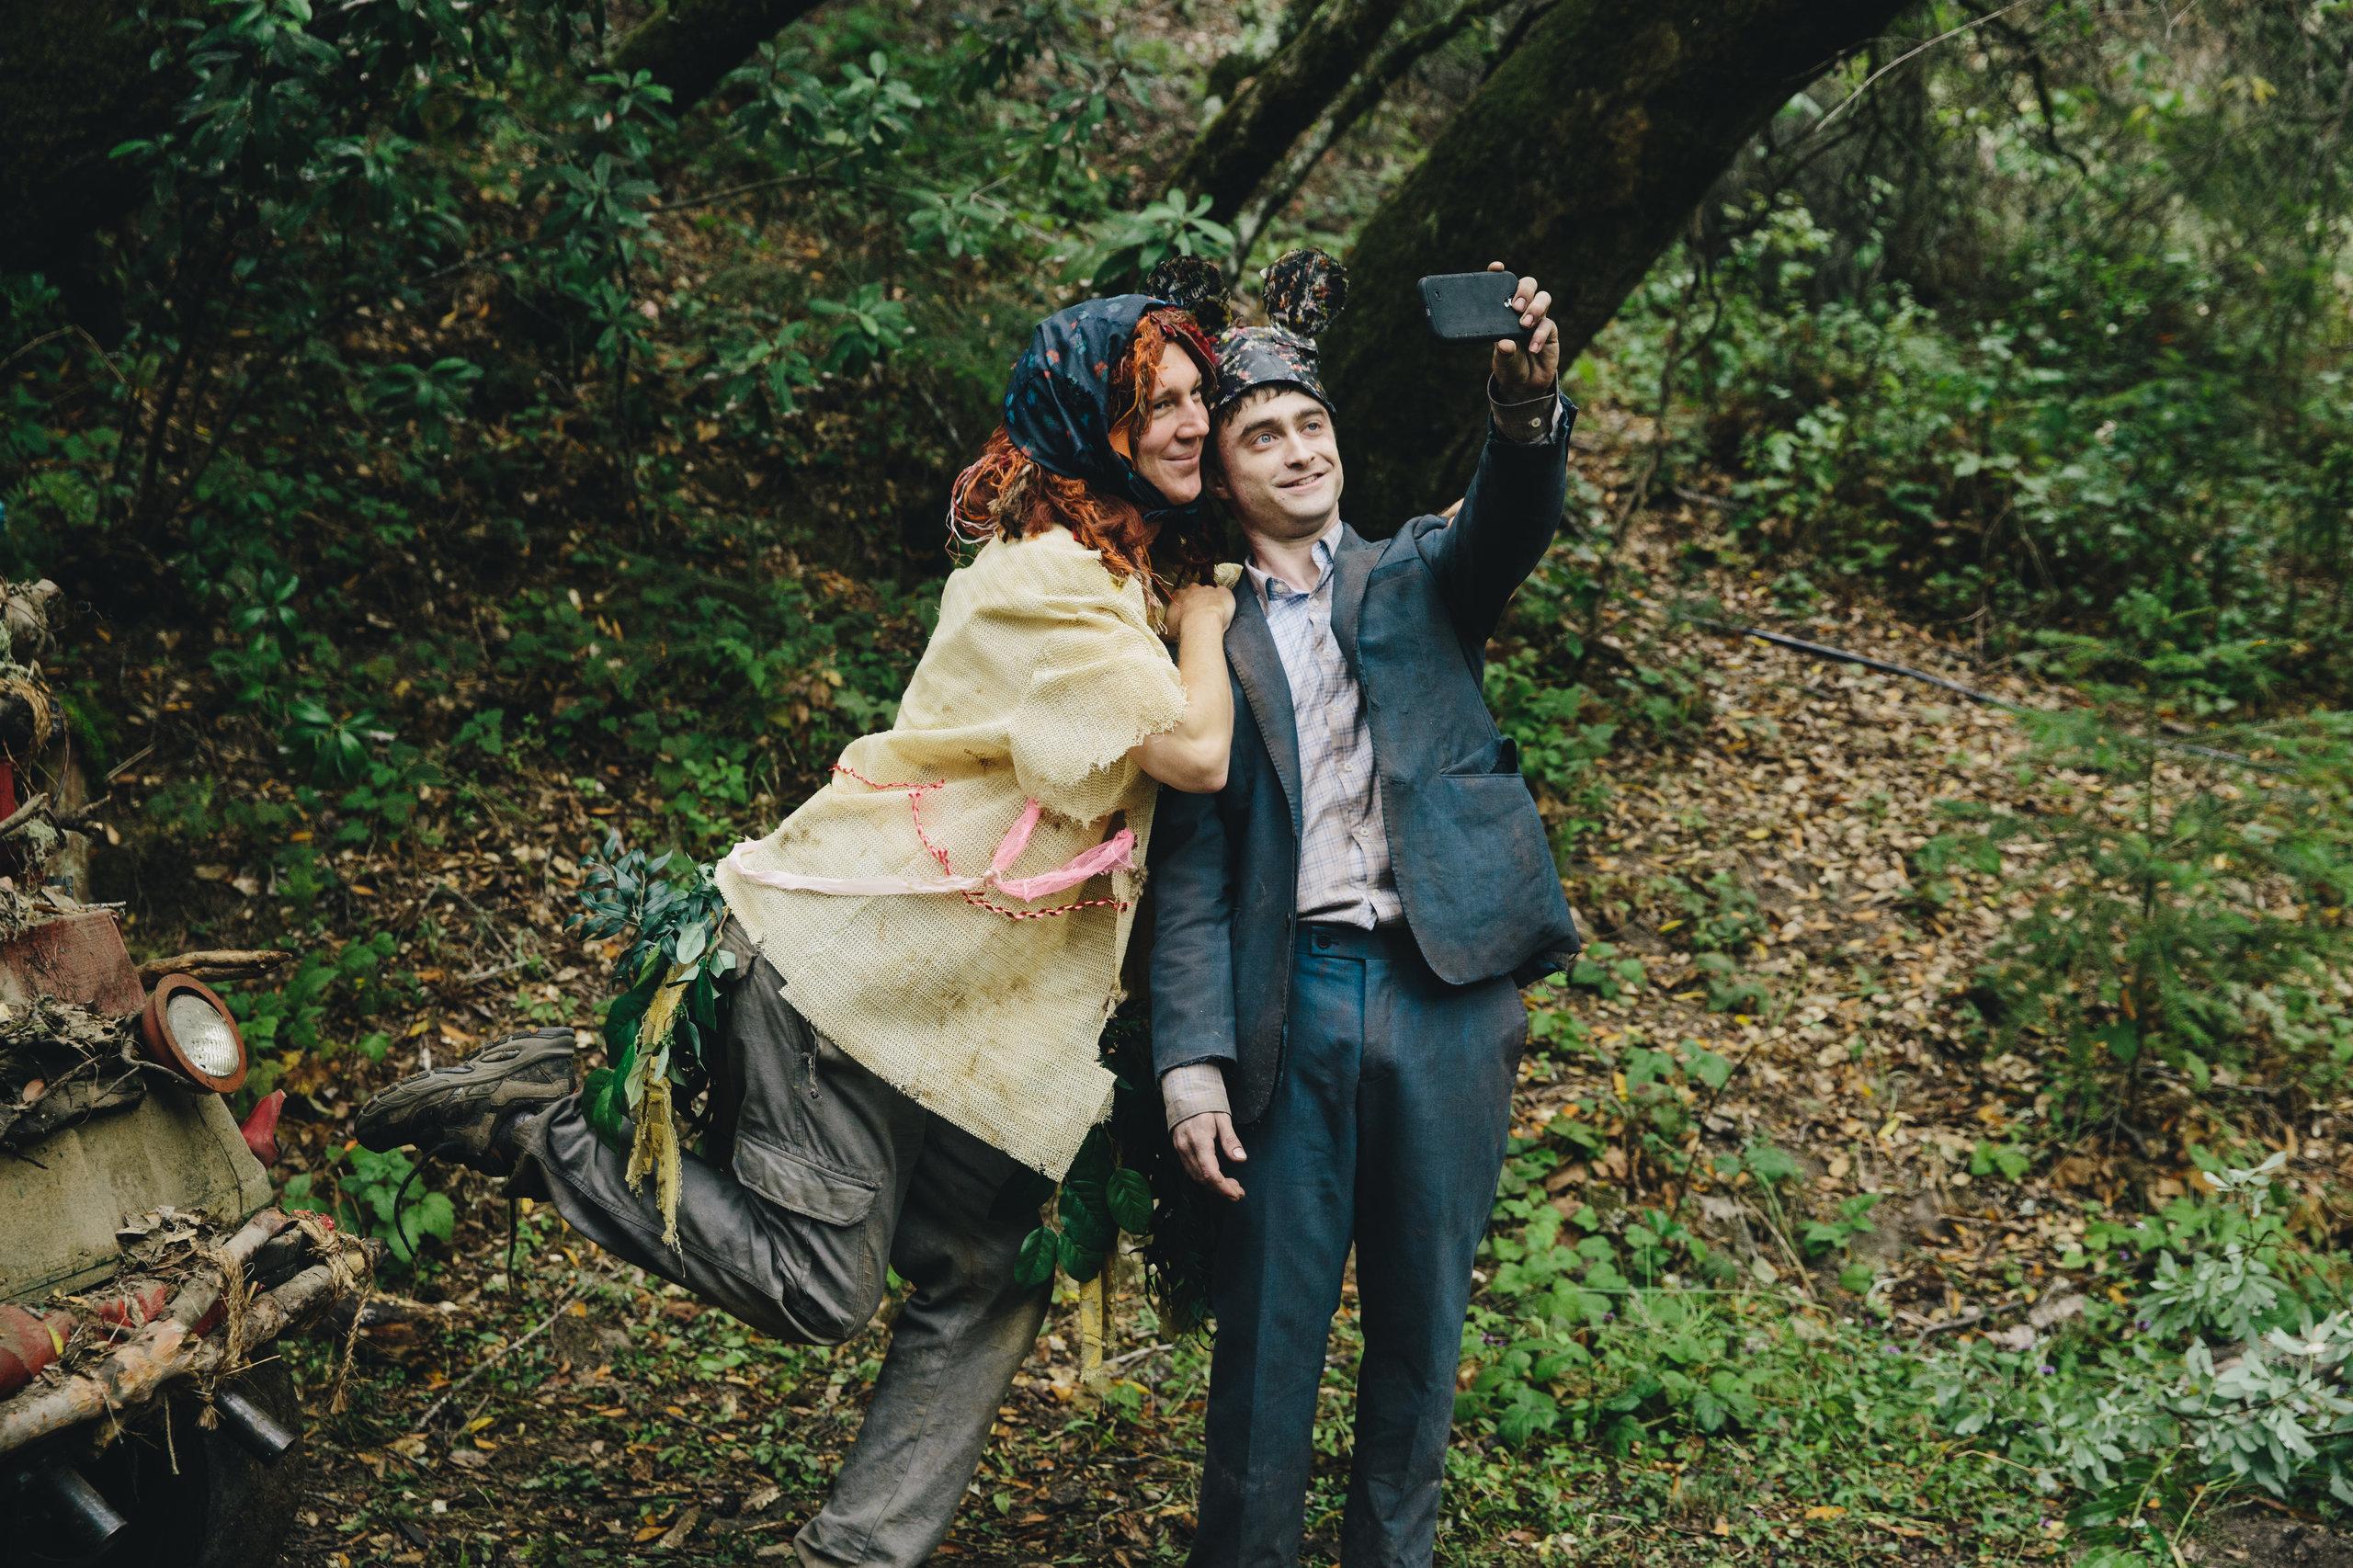 Вместе они отправятся в эпическое приключение, которое вернет хэнка к девушке его мечты.